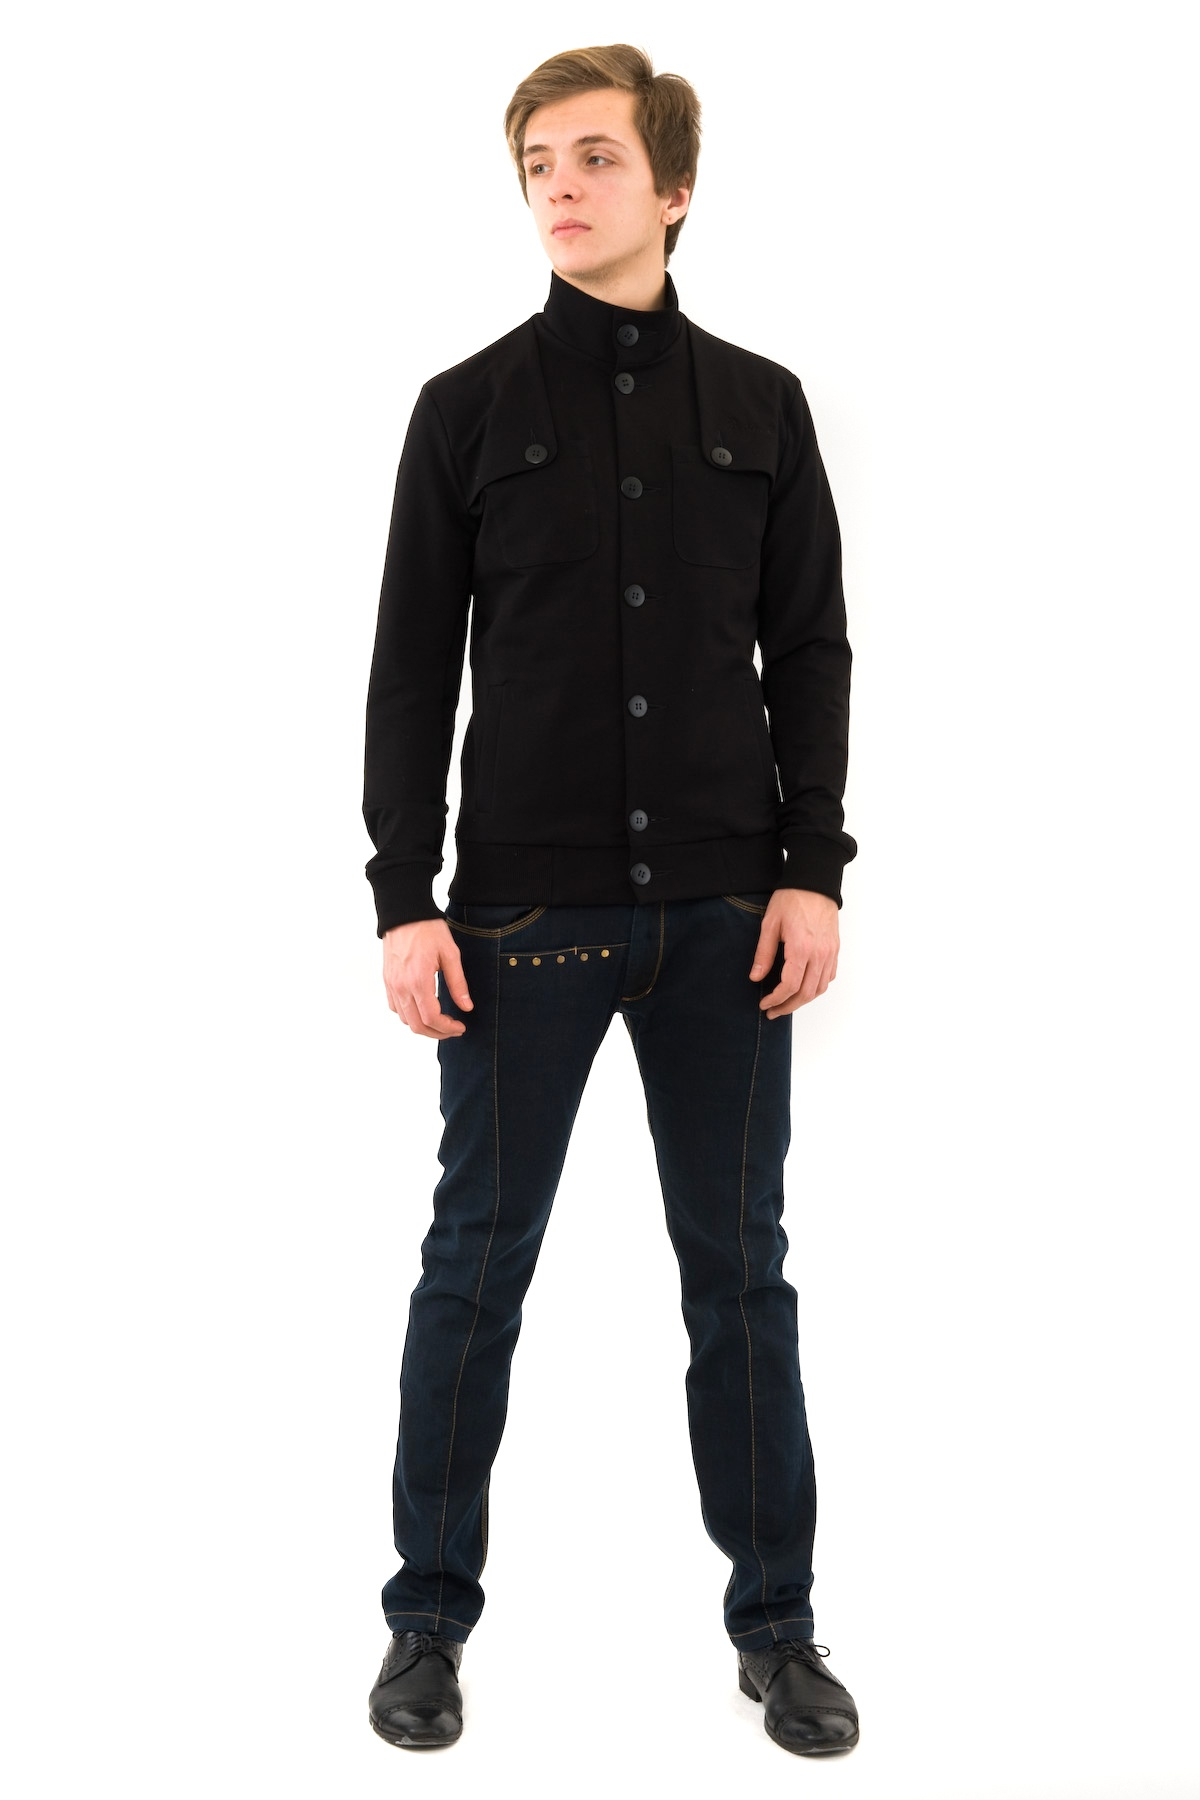 КурткаМужские футболки, джемпера<br>Оригинальная и лаконичная по дизайну куртка станет незаменимой вещью для современного мужчины.Модель будет удачно гармонировать с любыми предметами гардероба и аксессуарами. Идеальный вариант для создания образа в стиле Casual.<br><br>Цвет: черный<br>Состав: 70% хлопок, 30% полиэстер<br>Размер: 58,60<br>Страна дизайна: Россия<br>Страна производства: Россия